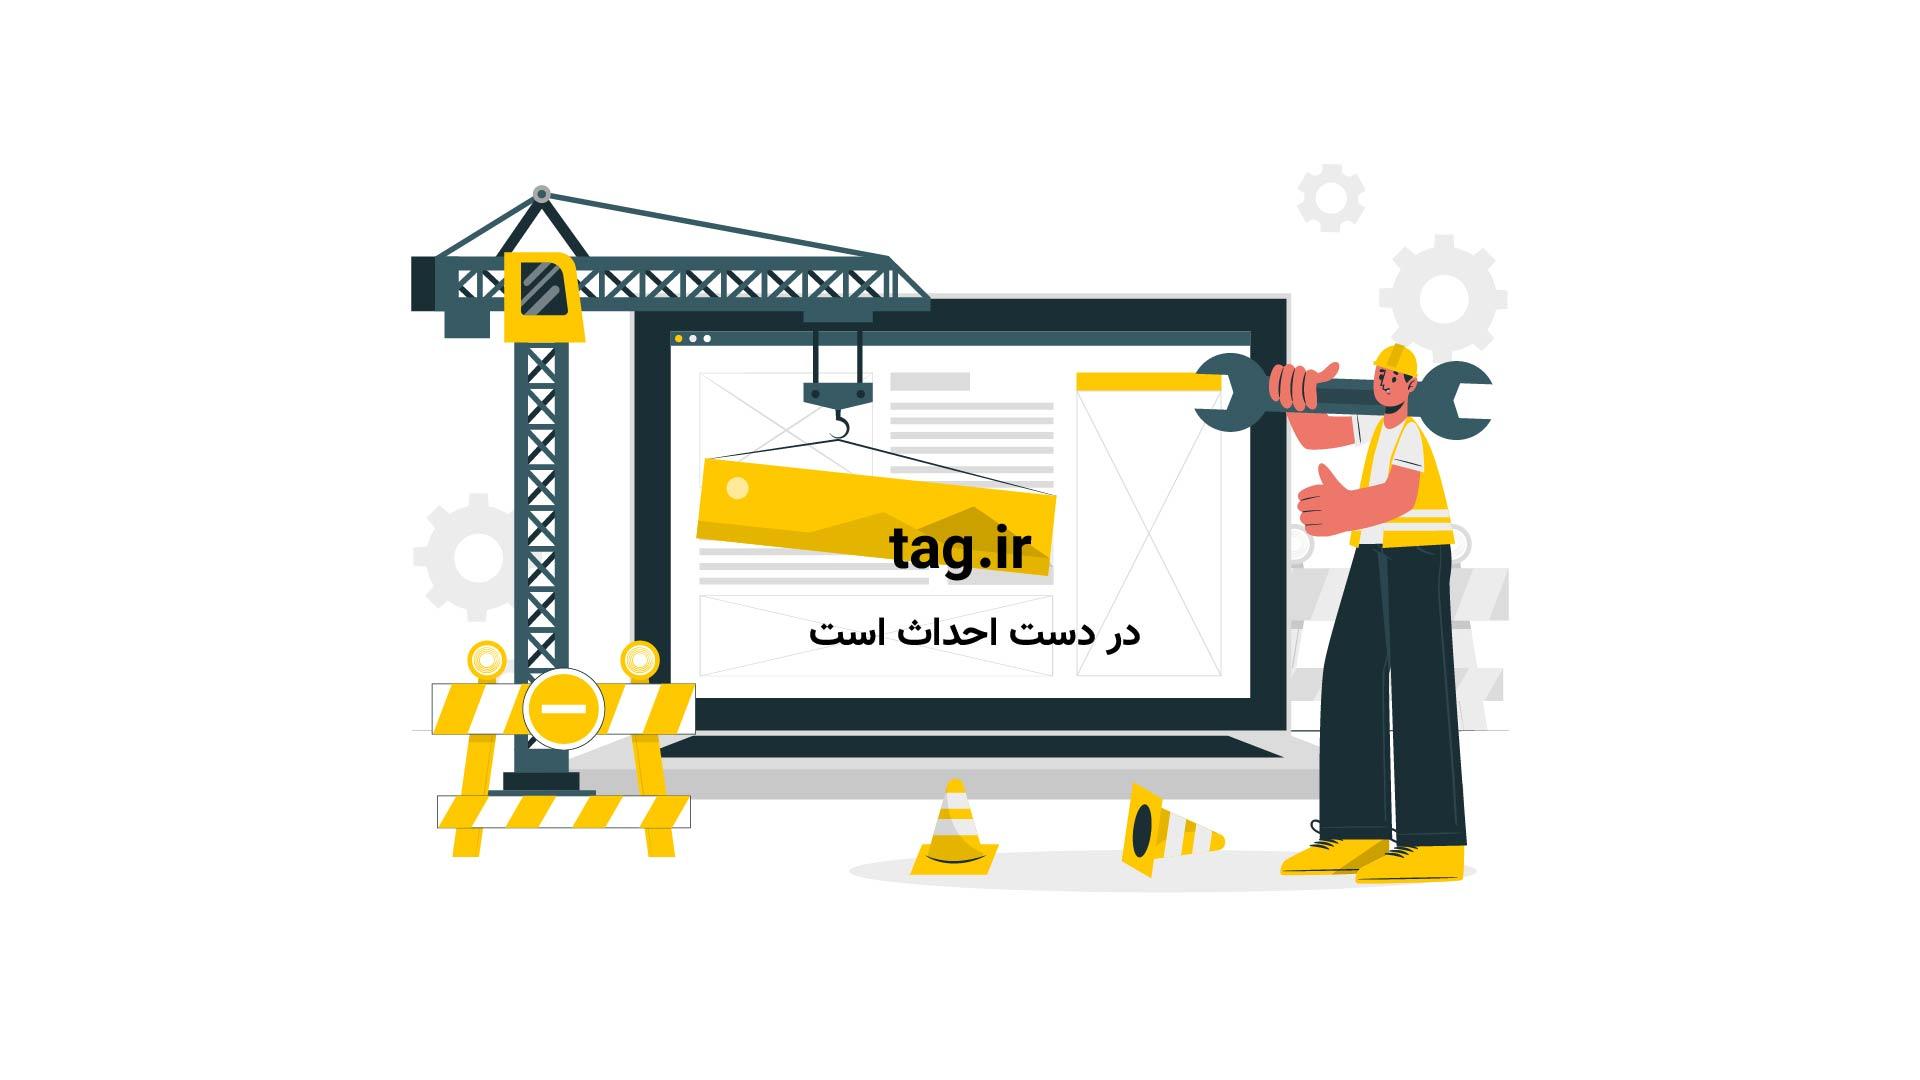 دکتر روحانی: برجام دستاورد بزرگ ملت ایران بود | فیلم